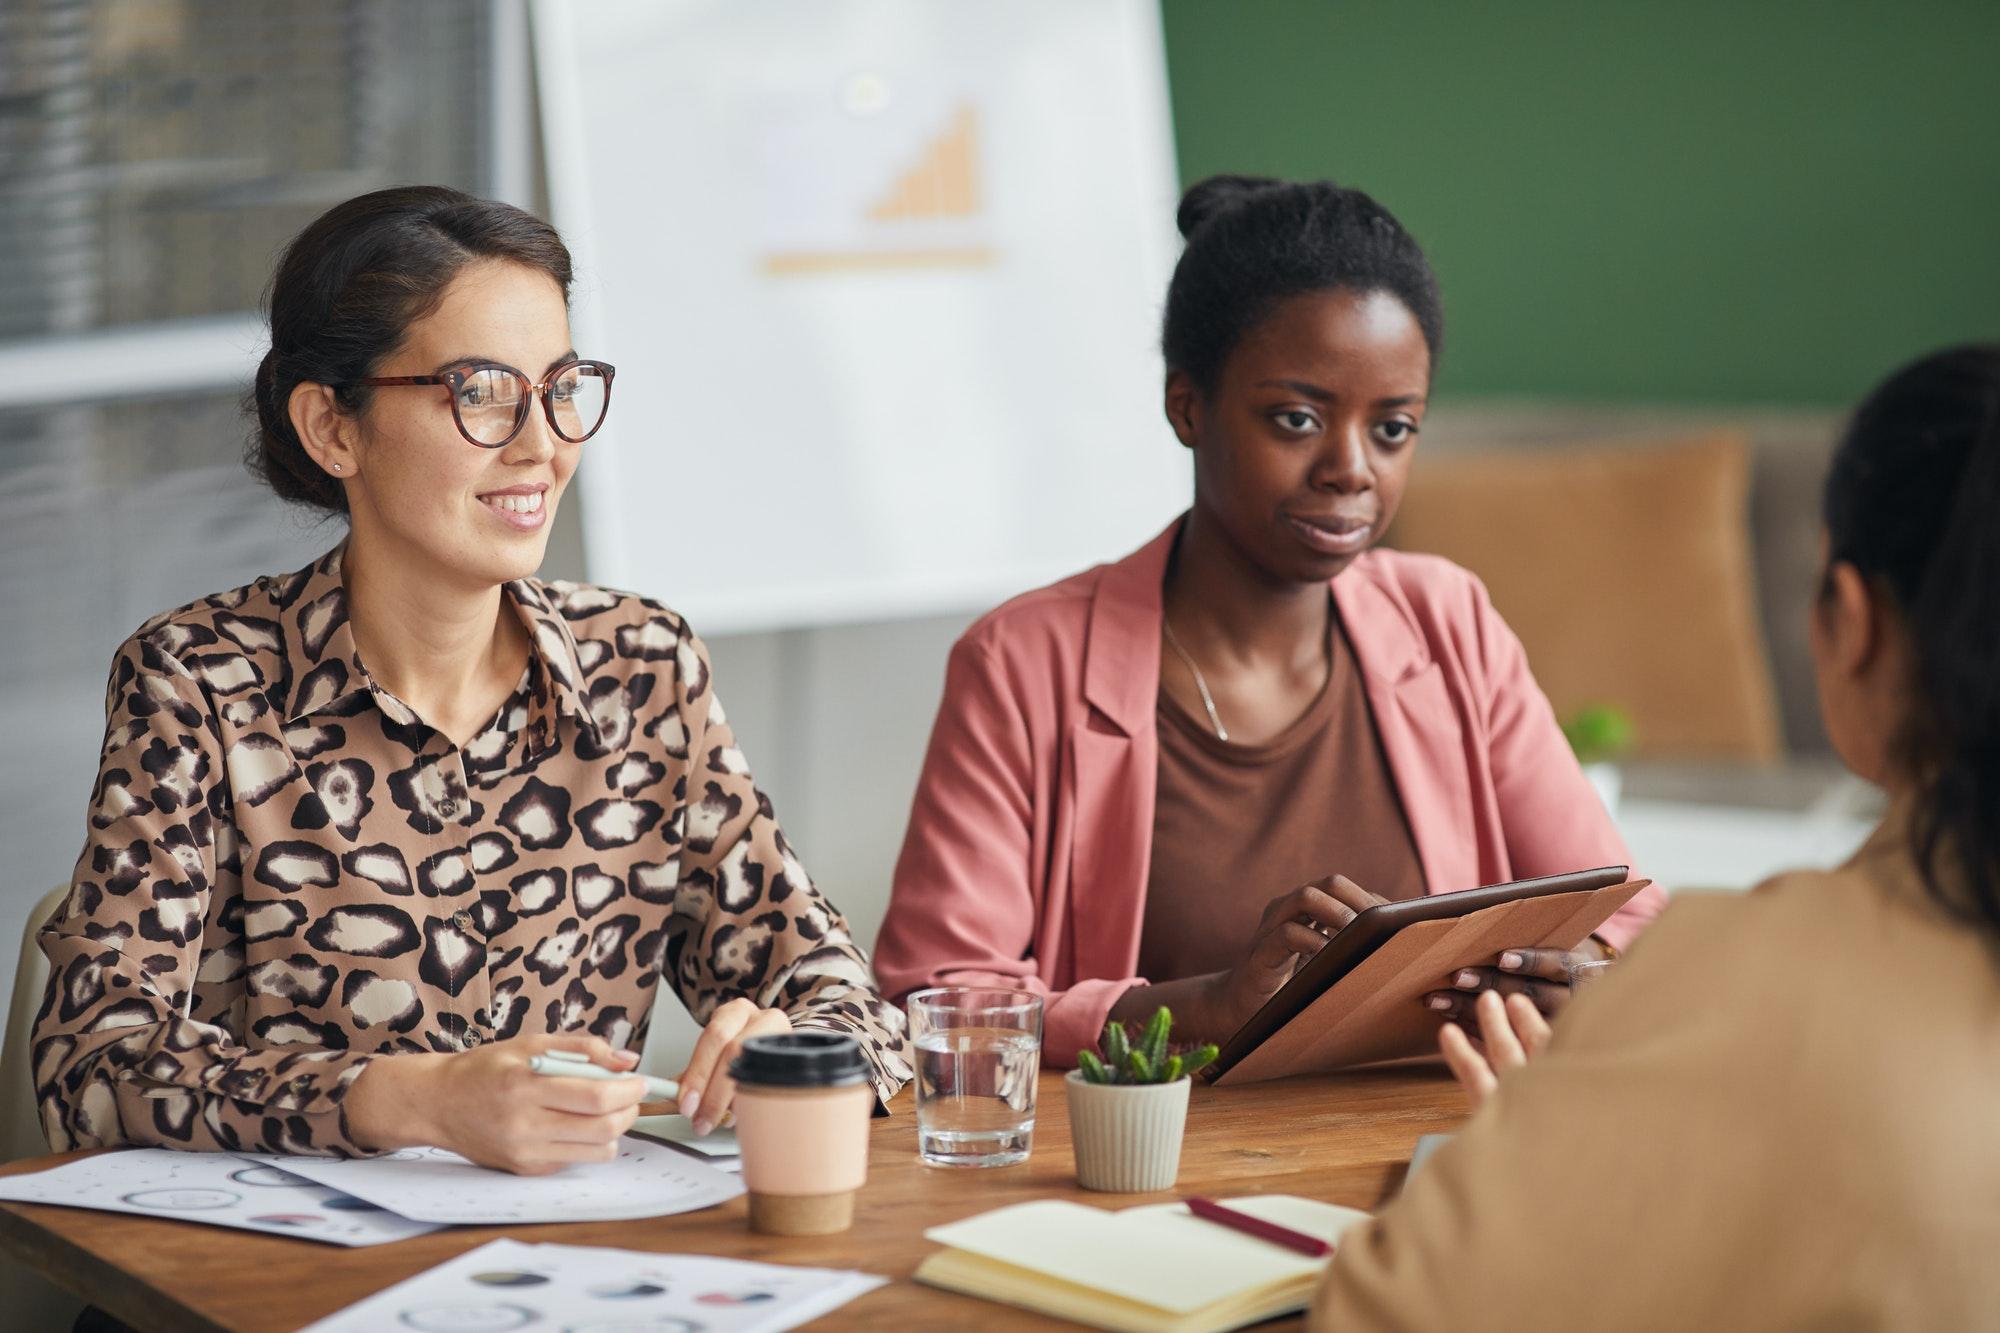 Recherche Un travailleur social diplômé d'état